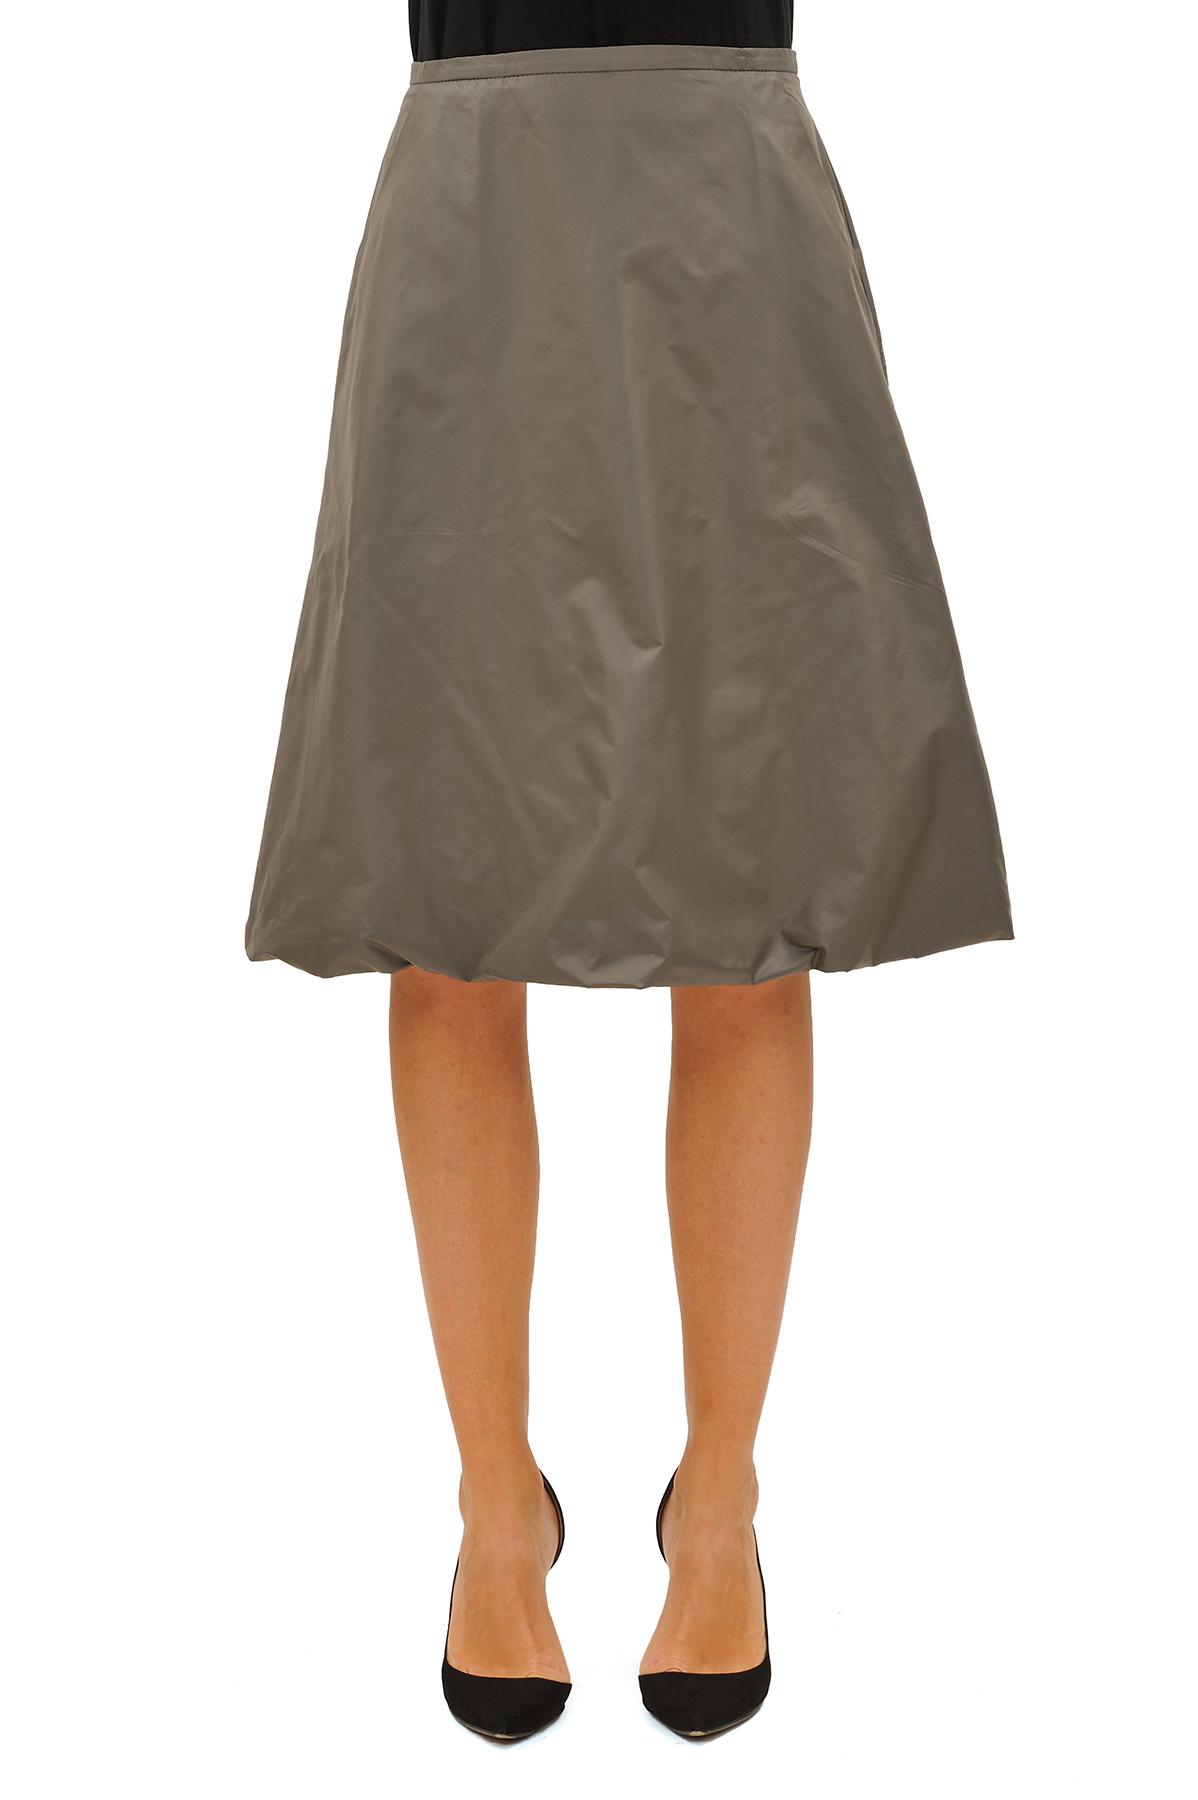 ЮбкаЖенские юбки и брюки<br>Эффектная юбка должна быть в каждом гардеробе и эта модель отвечает всем требованиям современной модницы! Благодаря спокойной однотонной расцветке, юбка превосходно гармонирует с любыми вещами.<br><br>Цвет: серый<br>Состав: 100 % полиэстер<br>Размер: 42,44,48,50,52,54<br>Страна дизайна: Россия<br>Страна производства: Россия